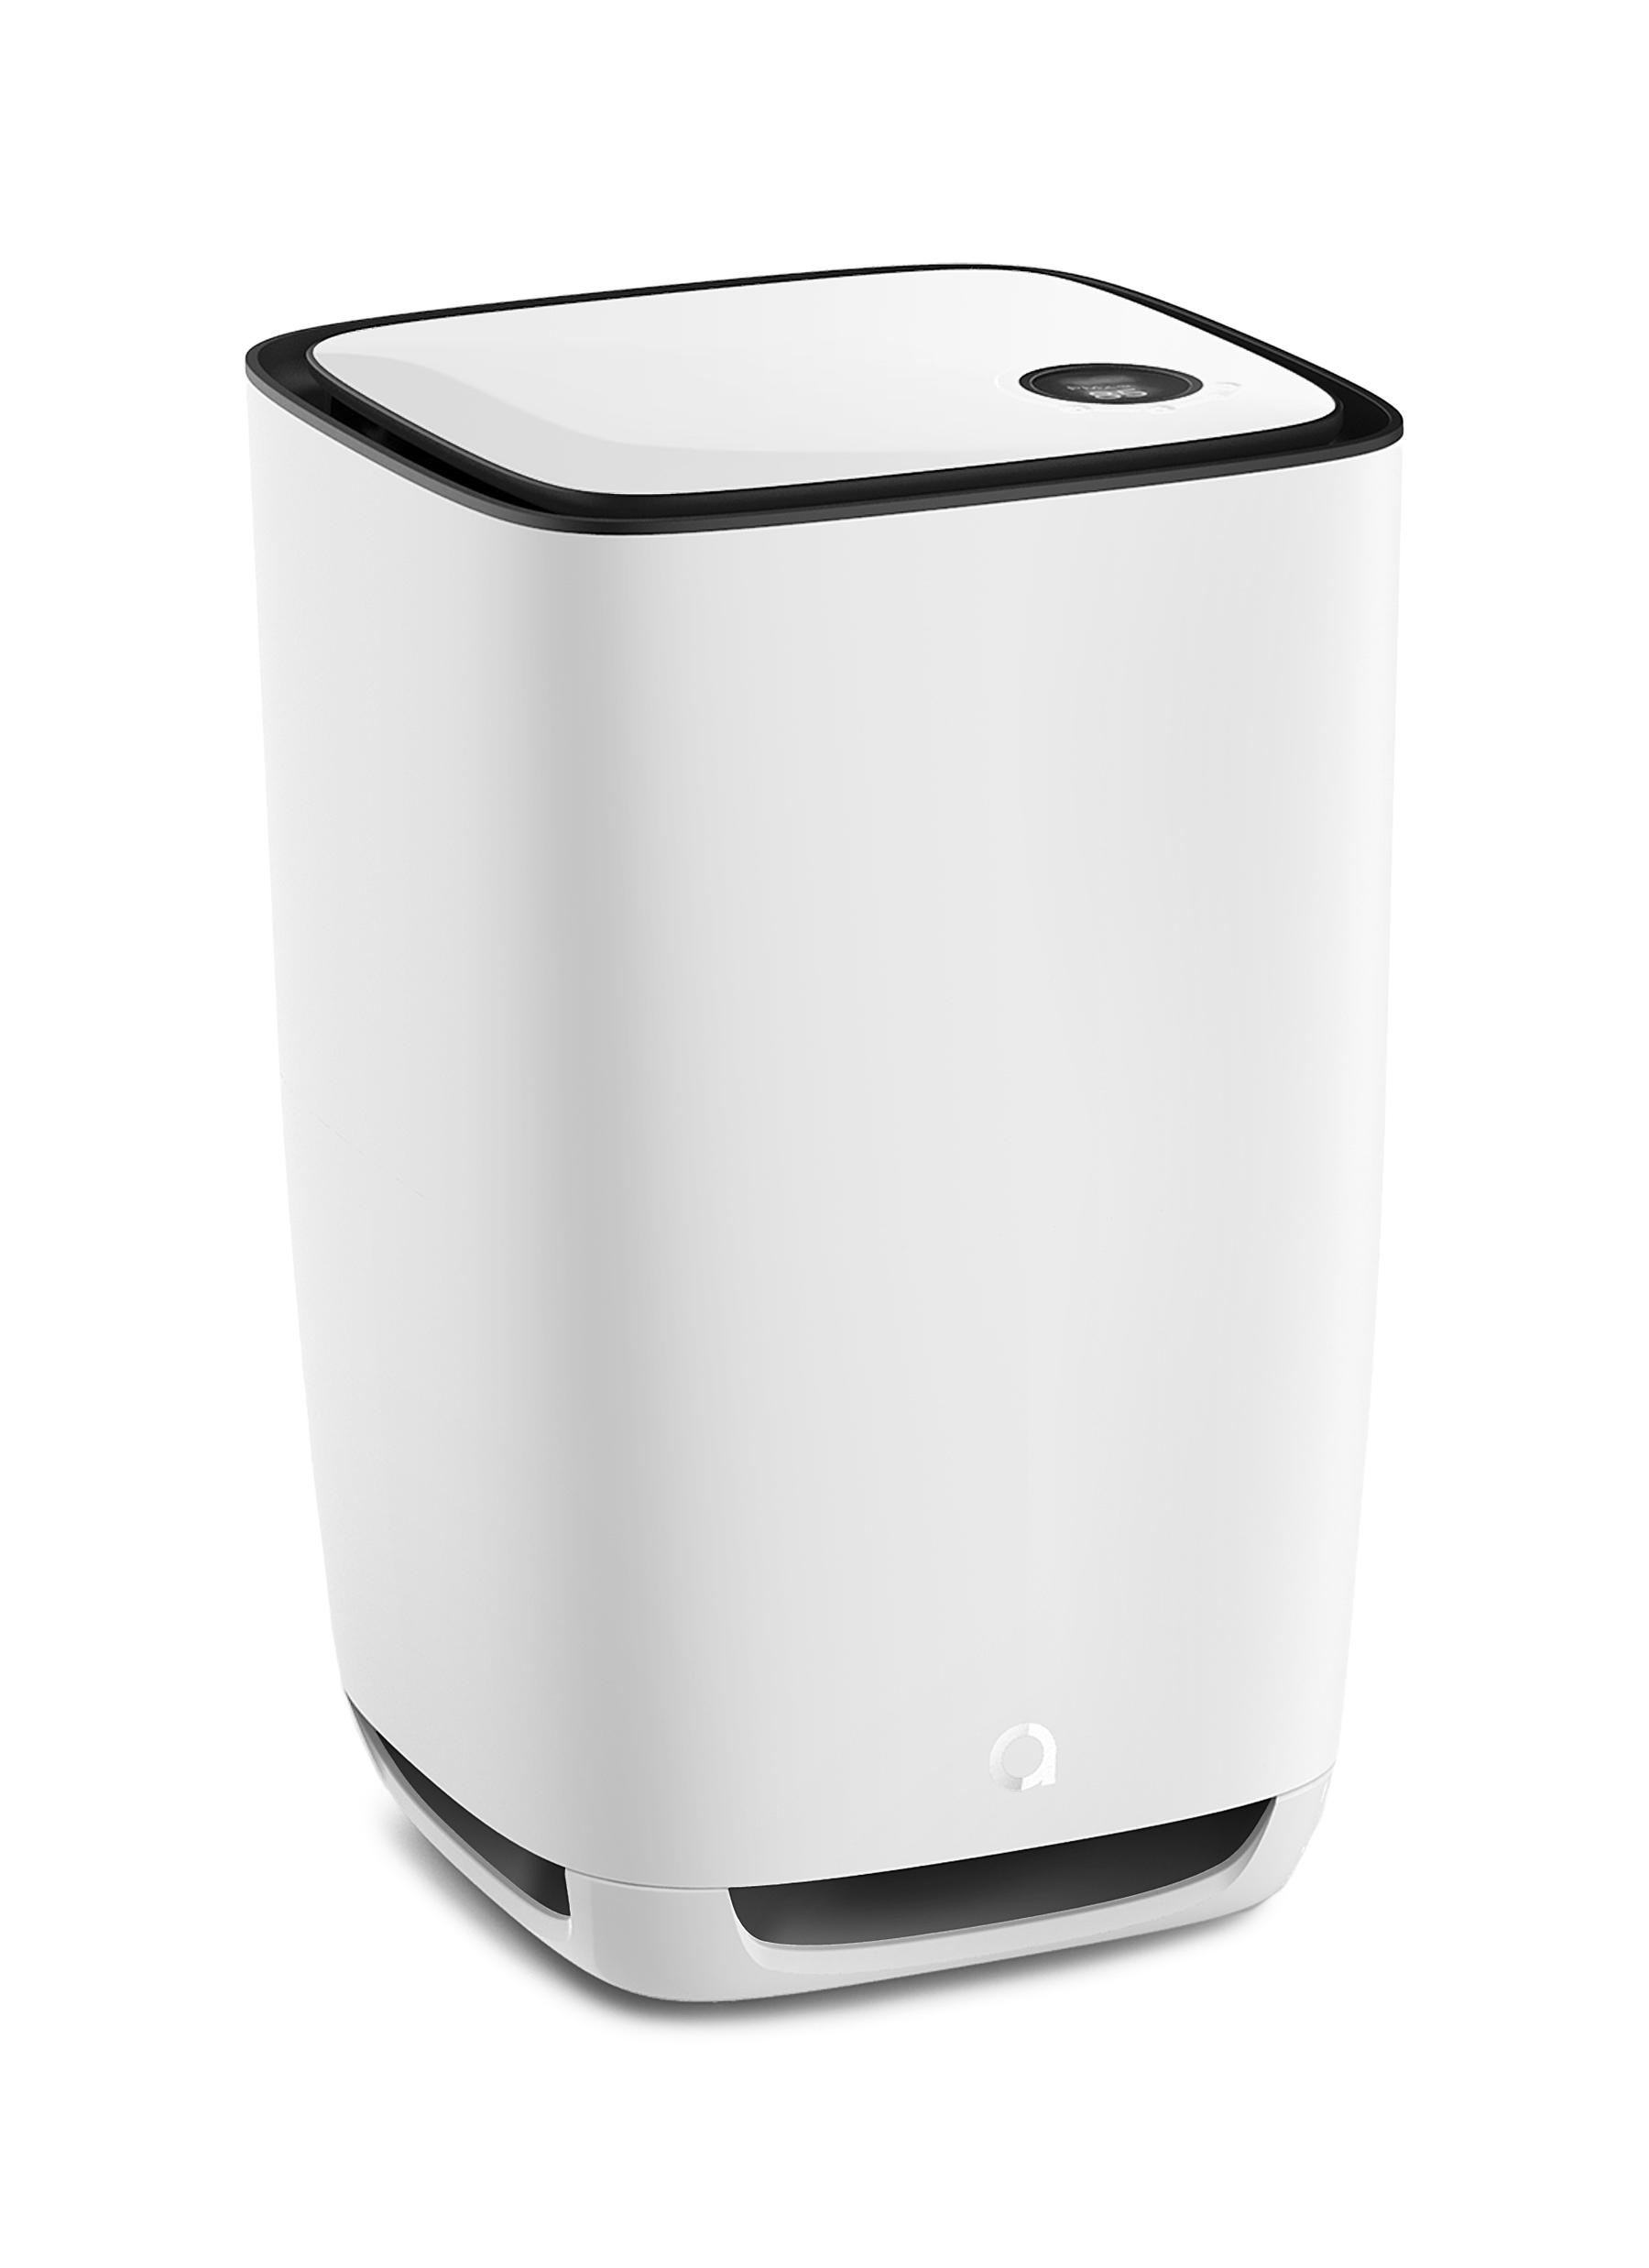 Aeris Aair Air Purifier - Stark White